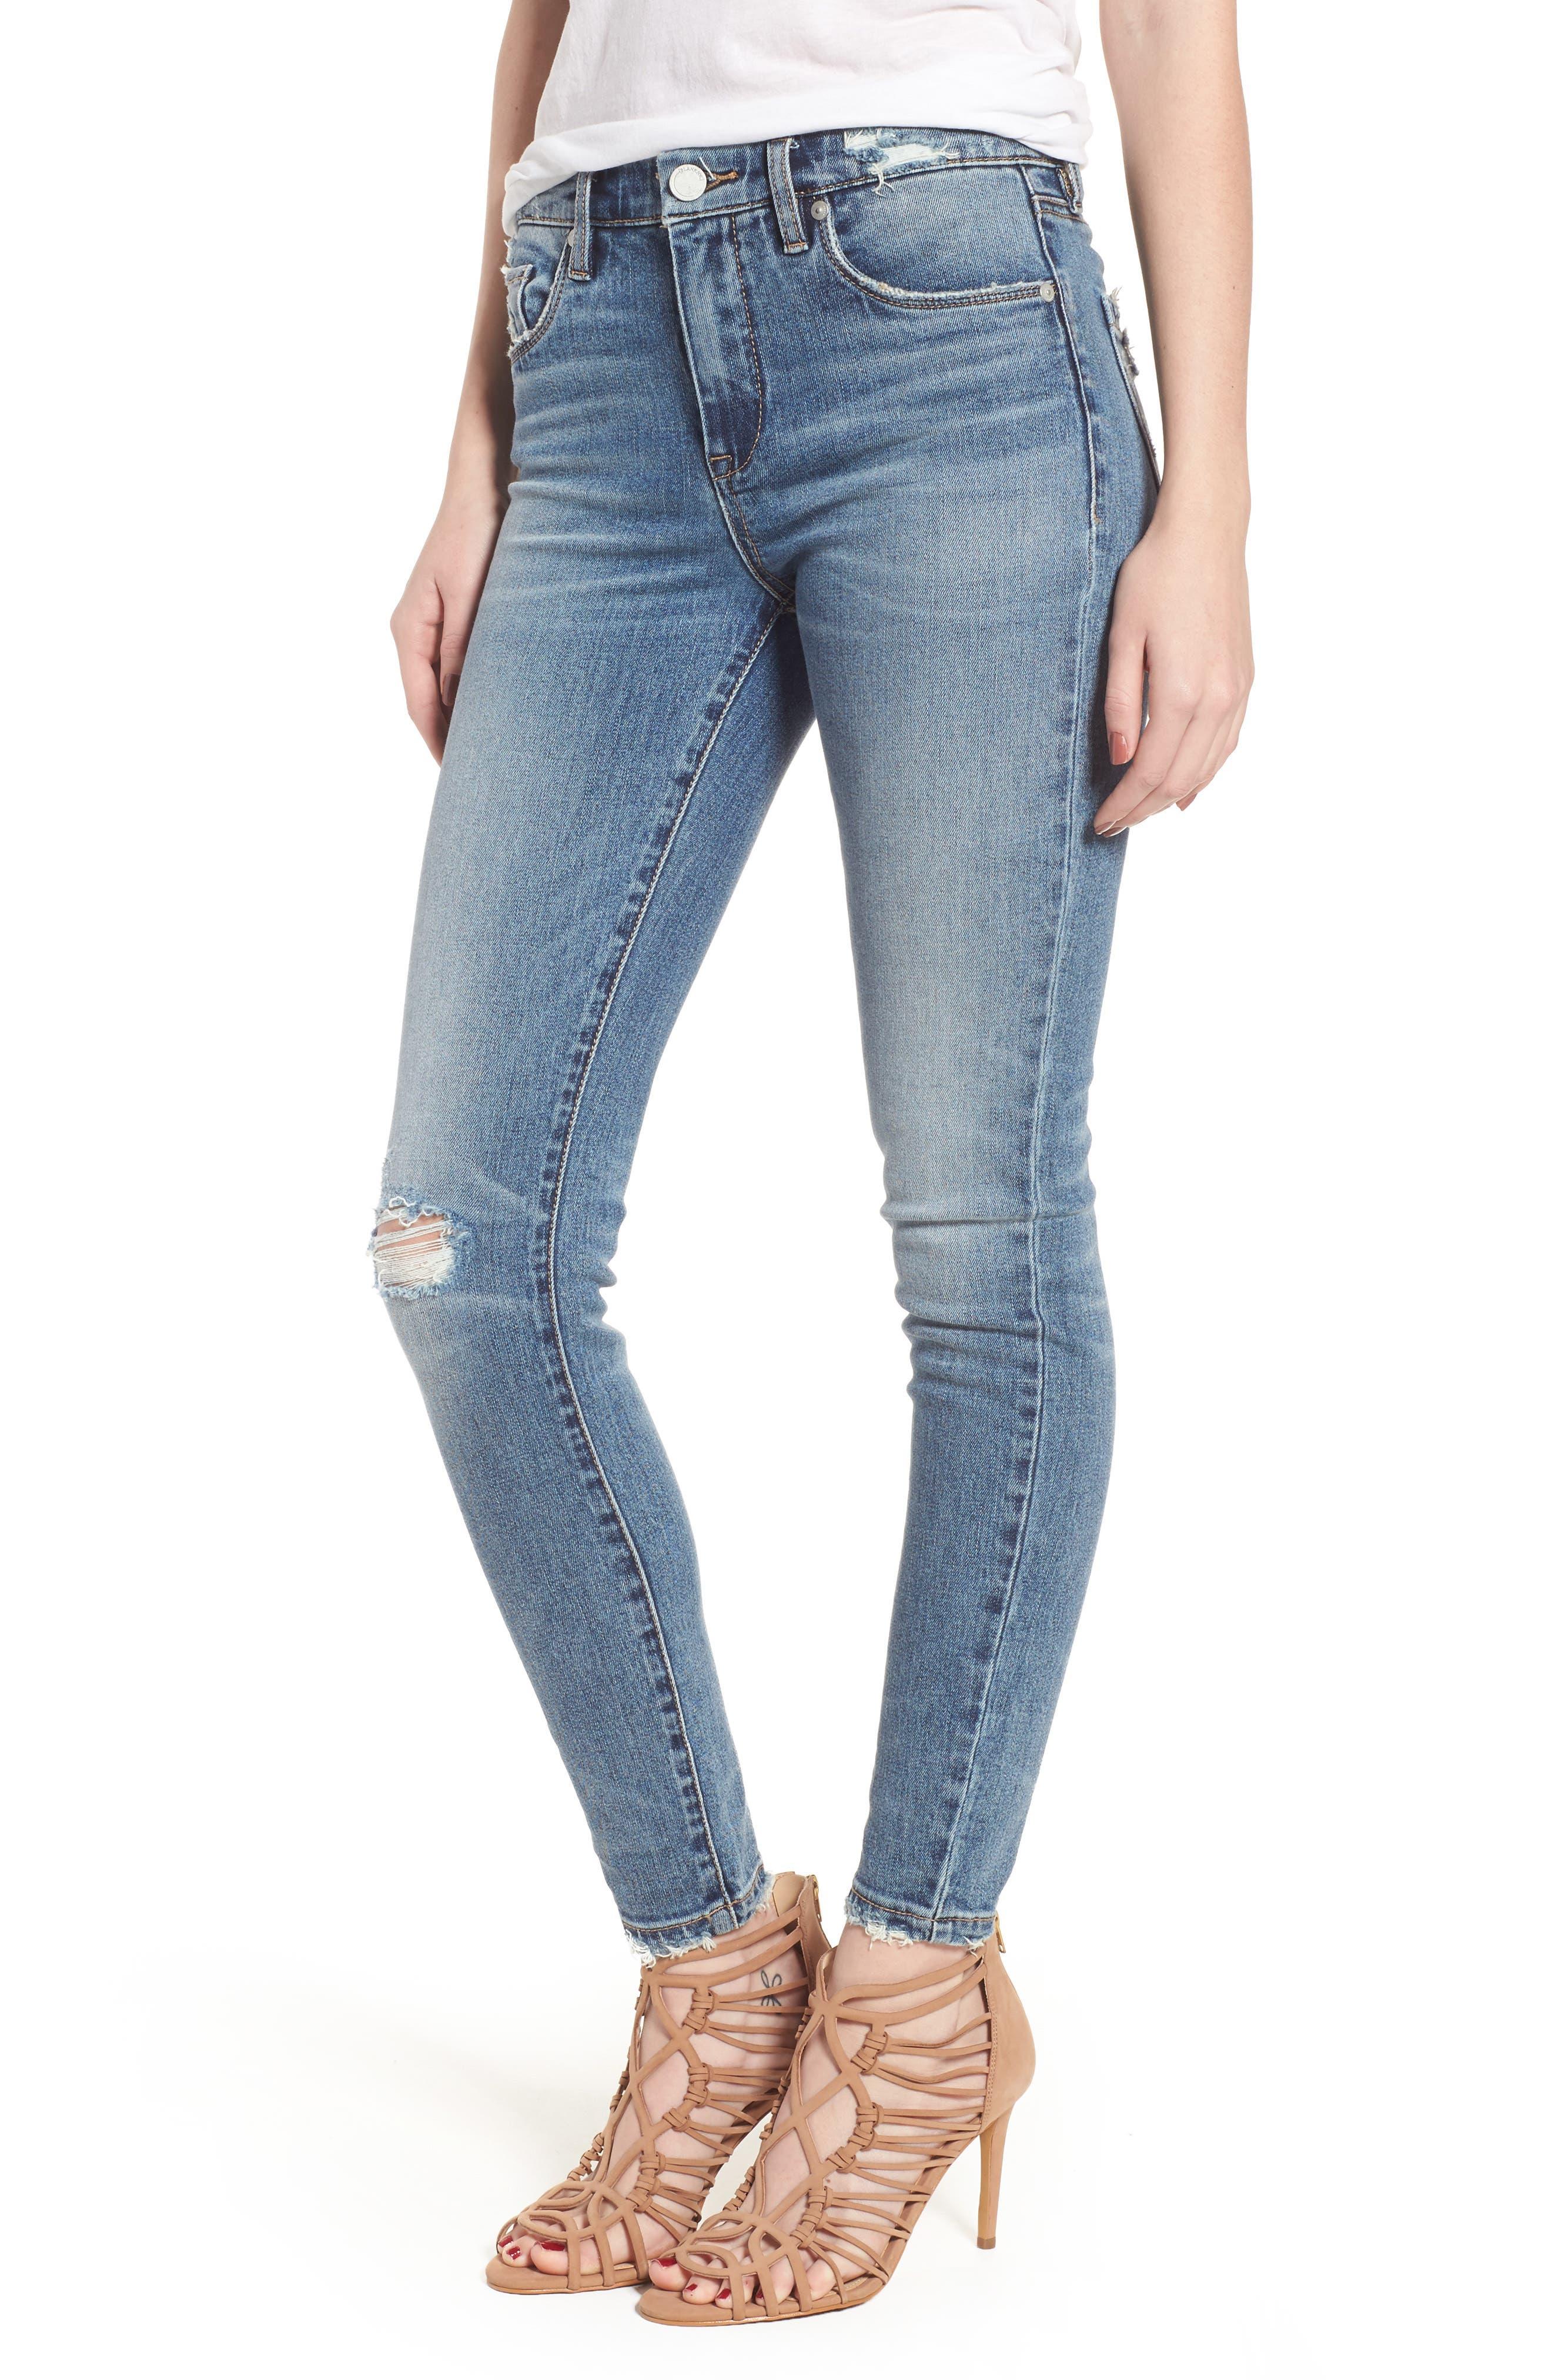 BLANKNYC Trip Switch Distressed Skinny Jeans